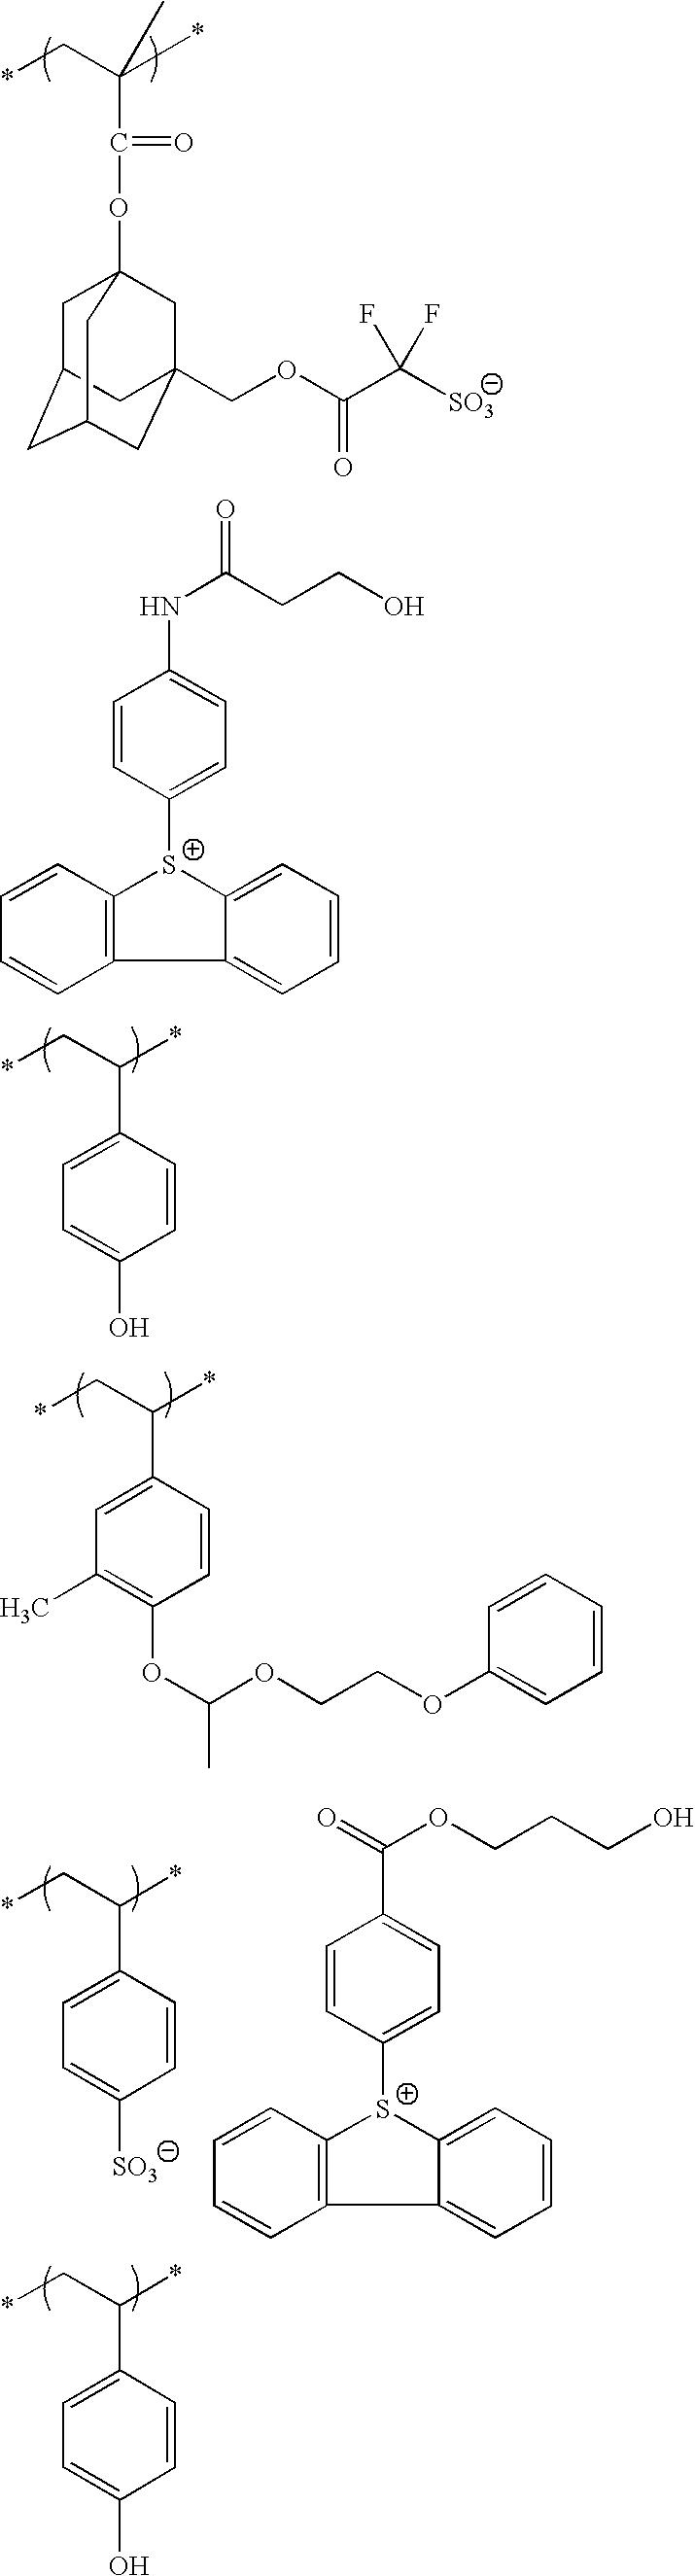 Figure US08852845-20141007-C00163